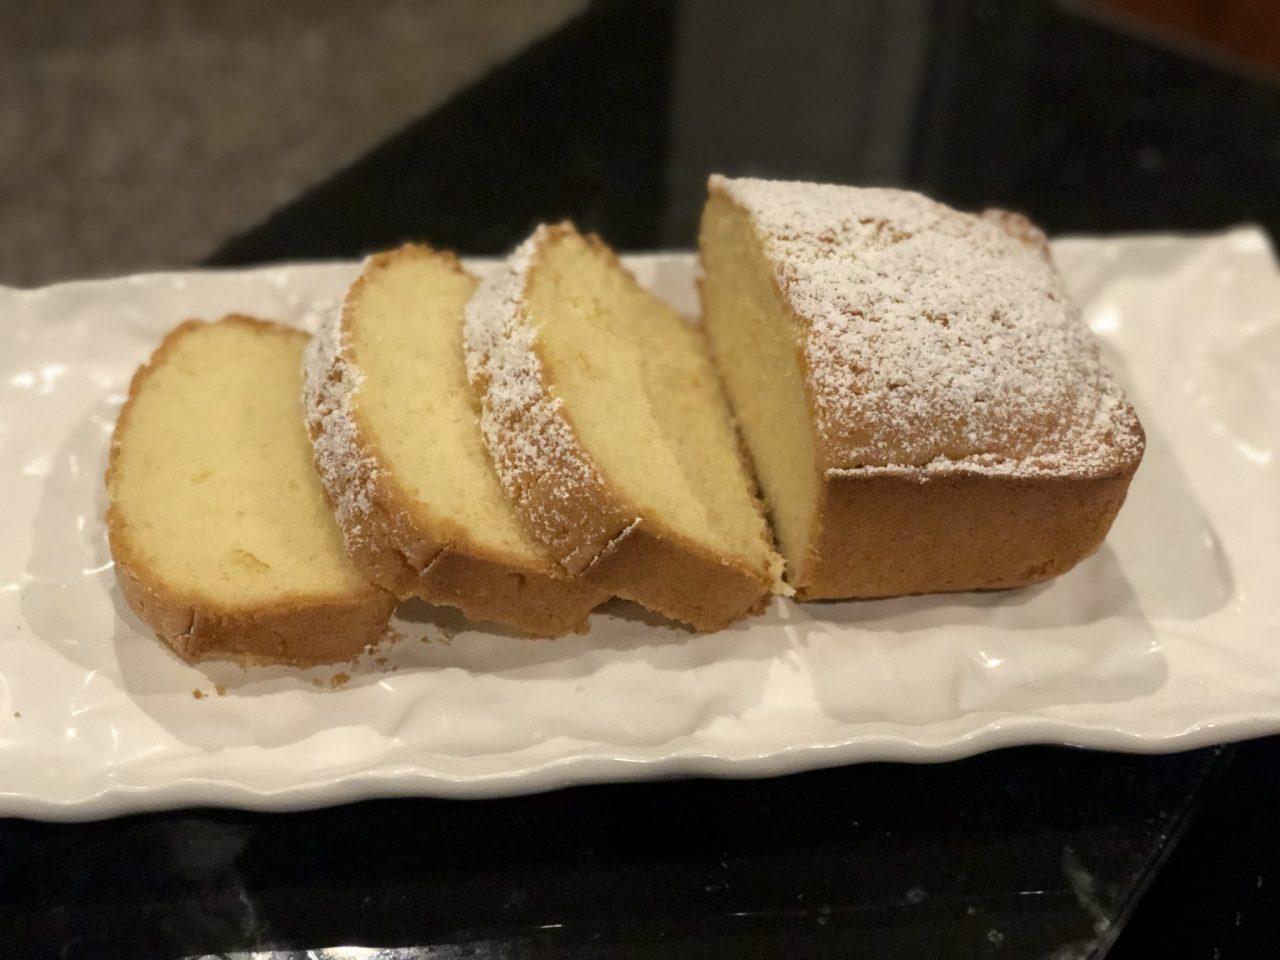 Sandkuchen, German pound cake